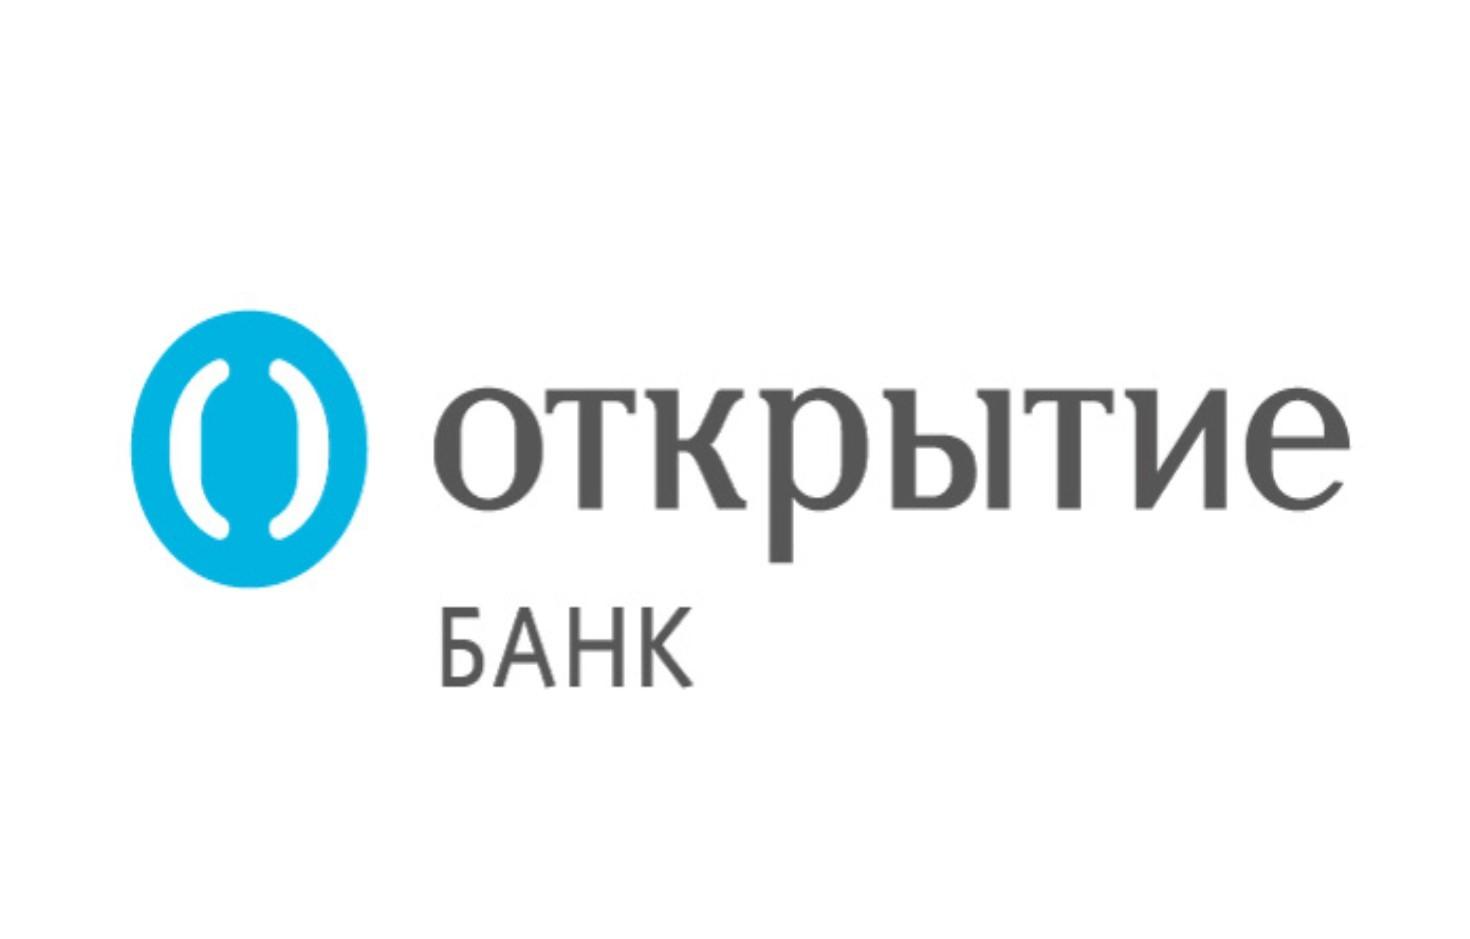 Банк «Открытие» за первые месяцы работы выдал в регионах Центральной России больше 890 млн рублей на покупку недвижимости